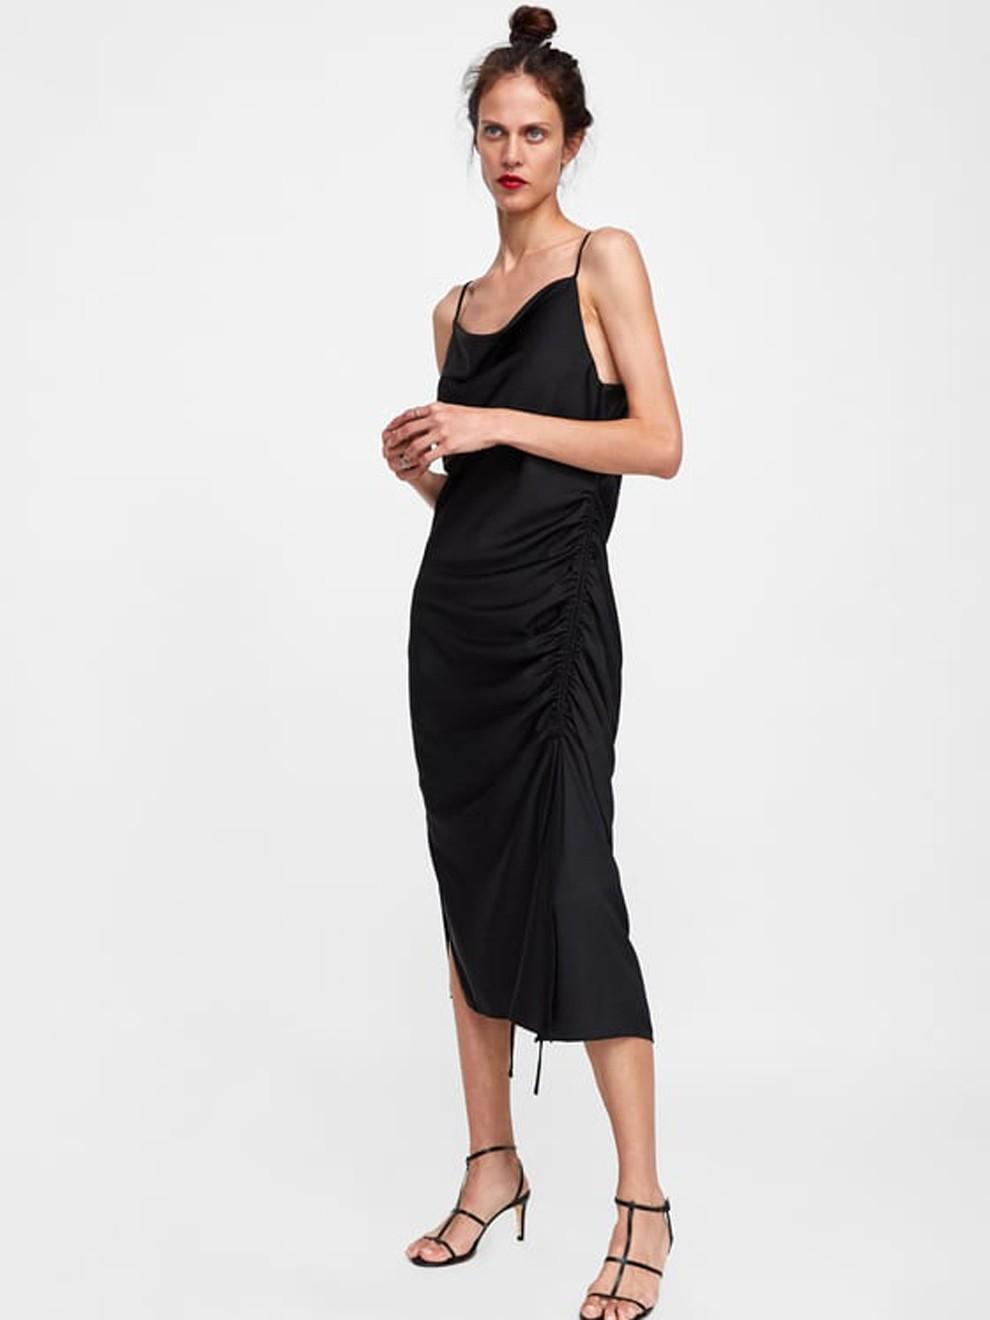 Sonar con vestidos de fiesta negro